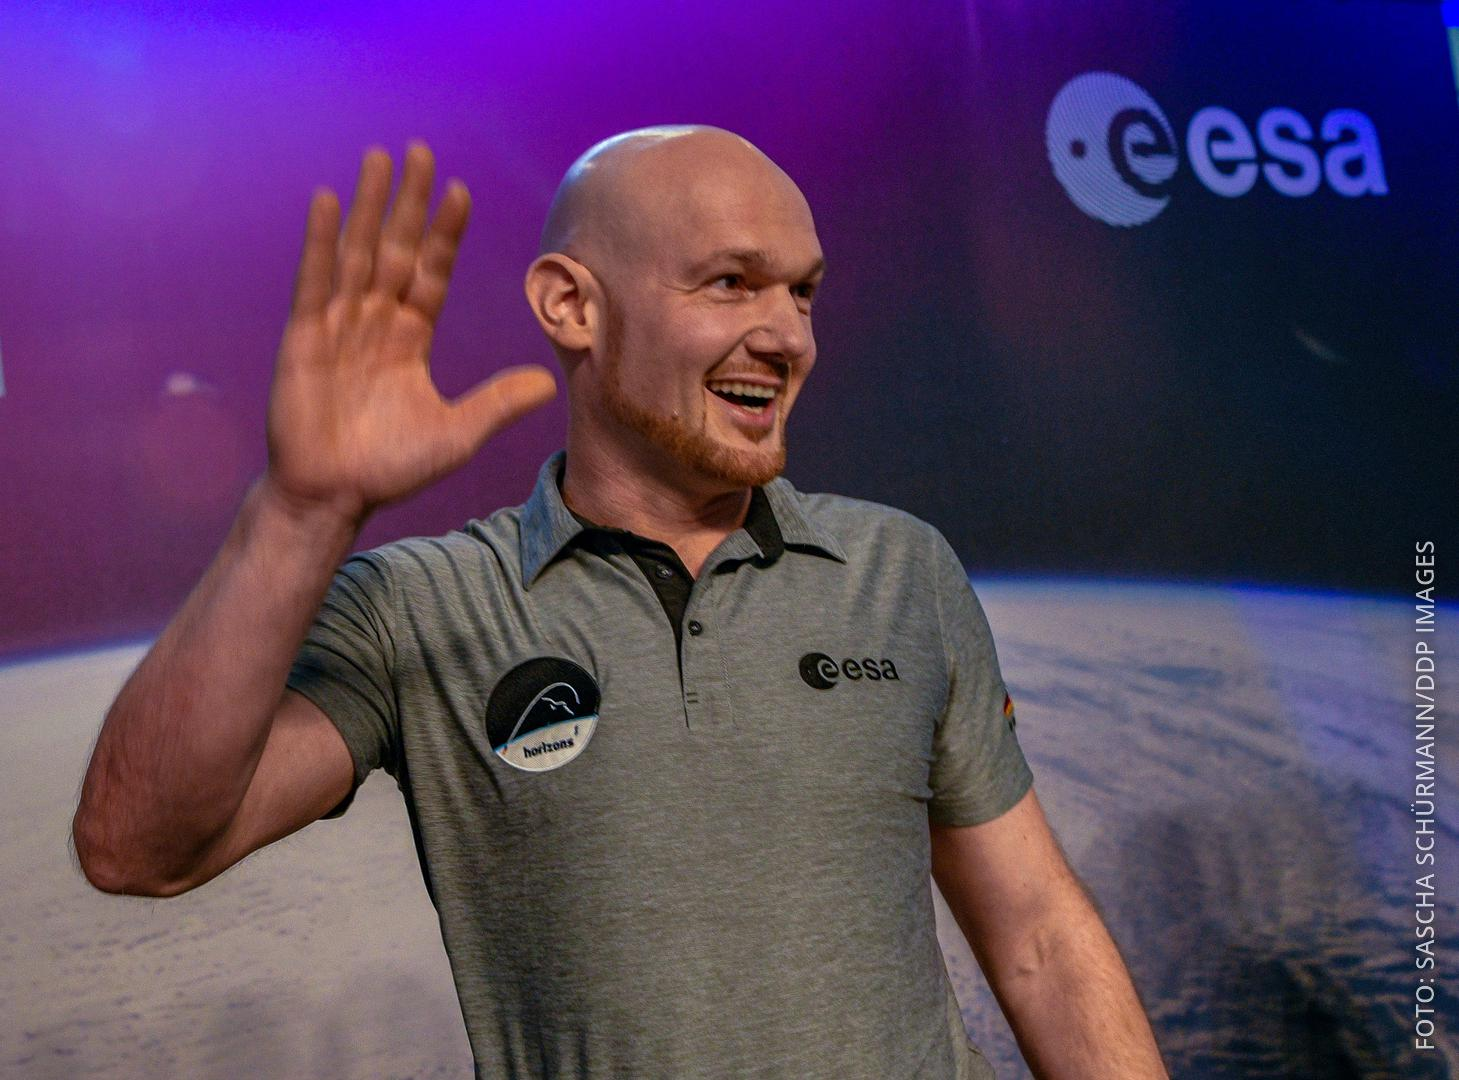 Der Astronaut Alexander Gerst winkt